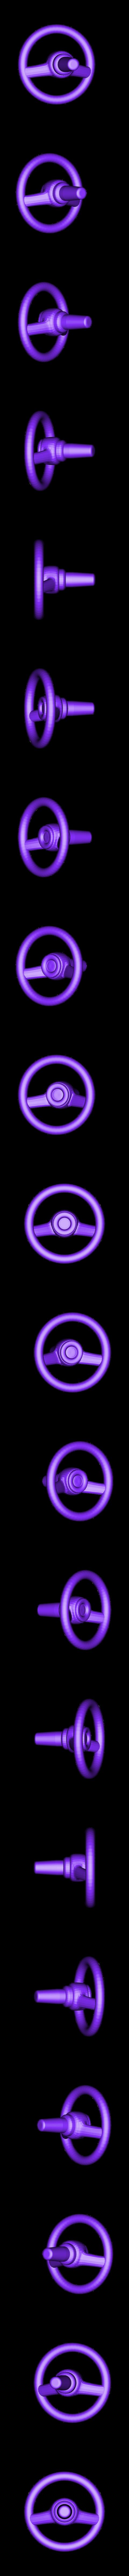 Pony_Car_Steering.obj Télécharger fichier OBJ gratuit Voiture jouet poney • Modèle pour impression 3D, Slava_Z